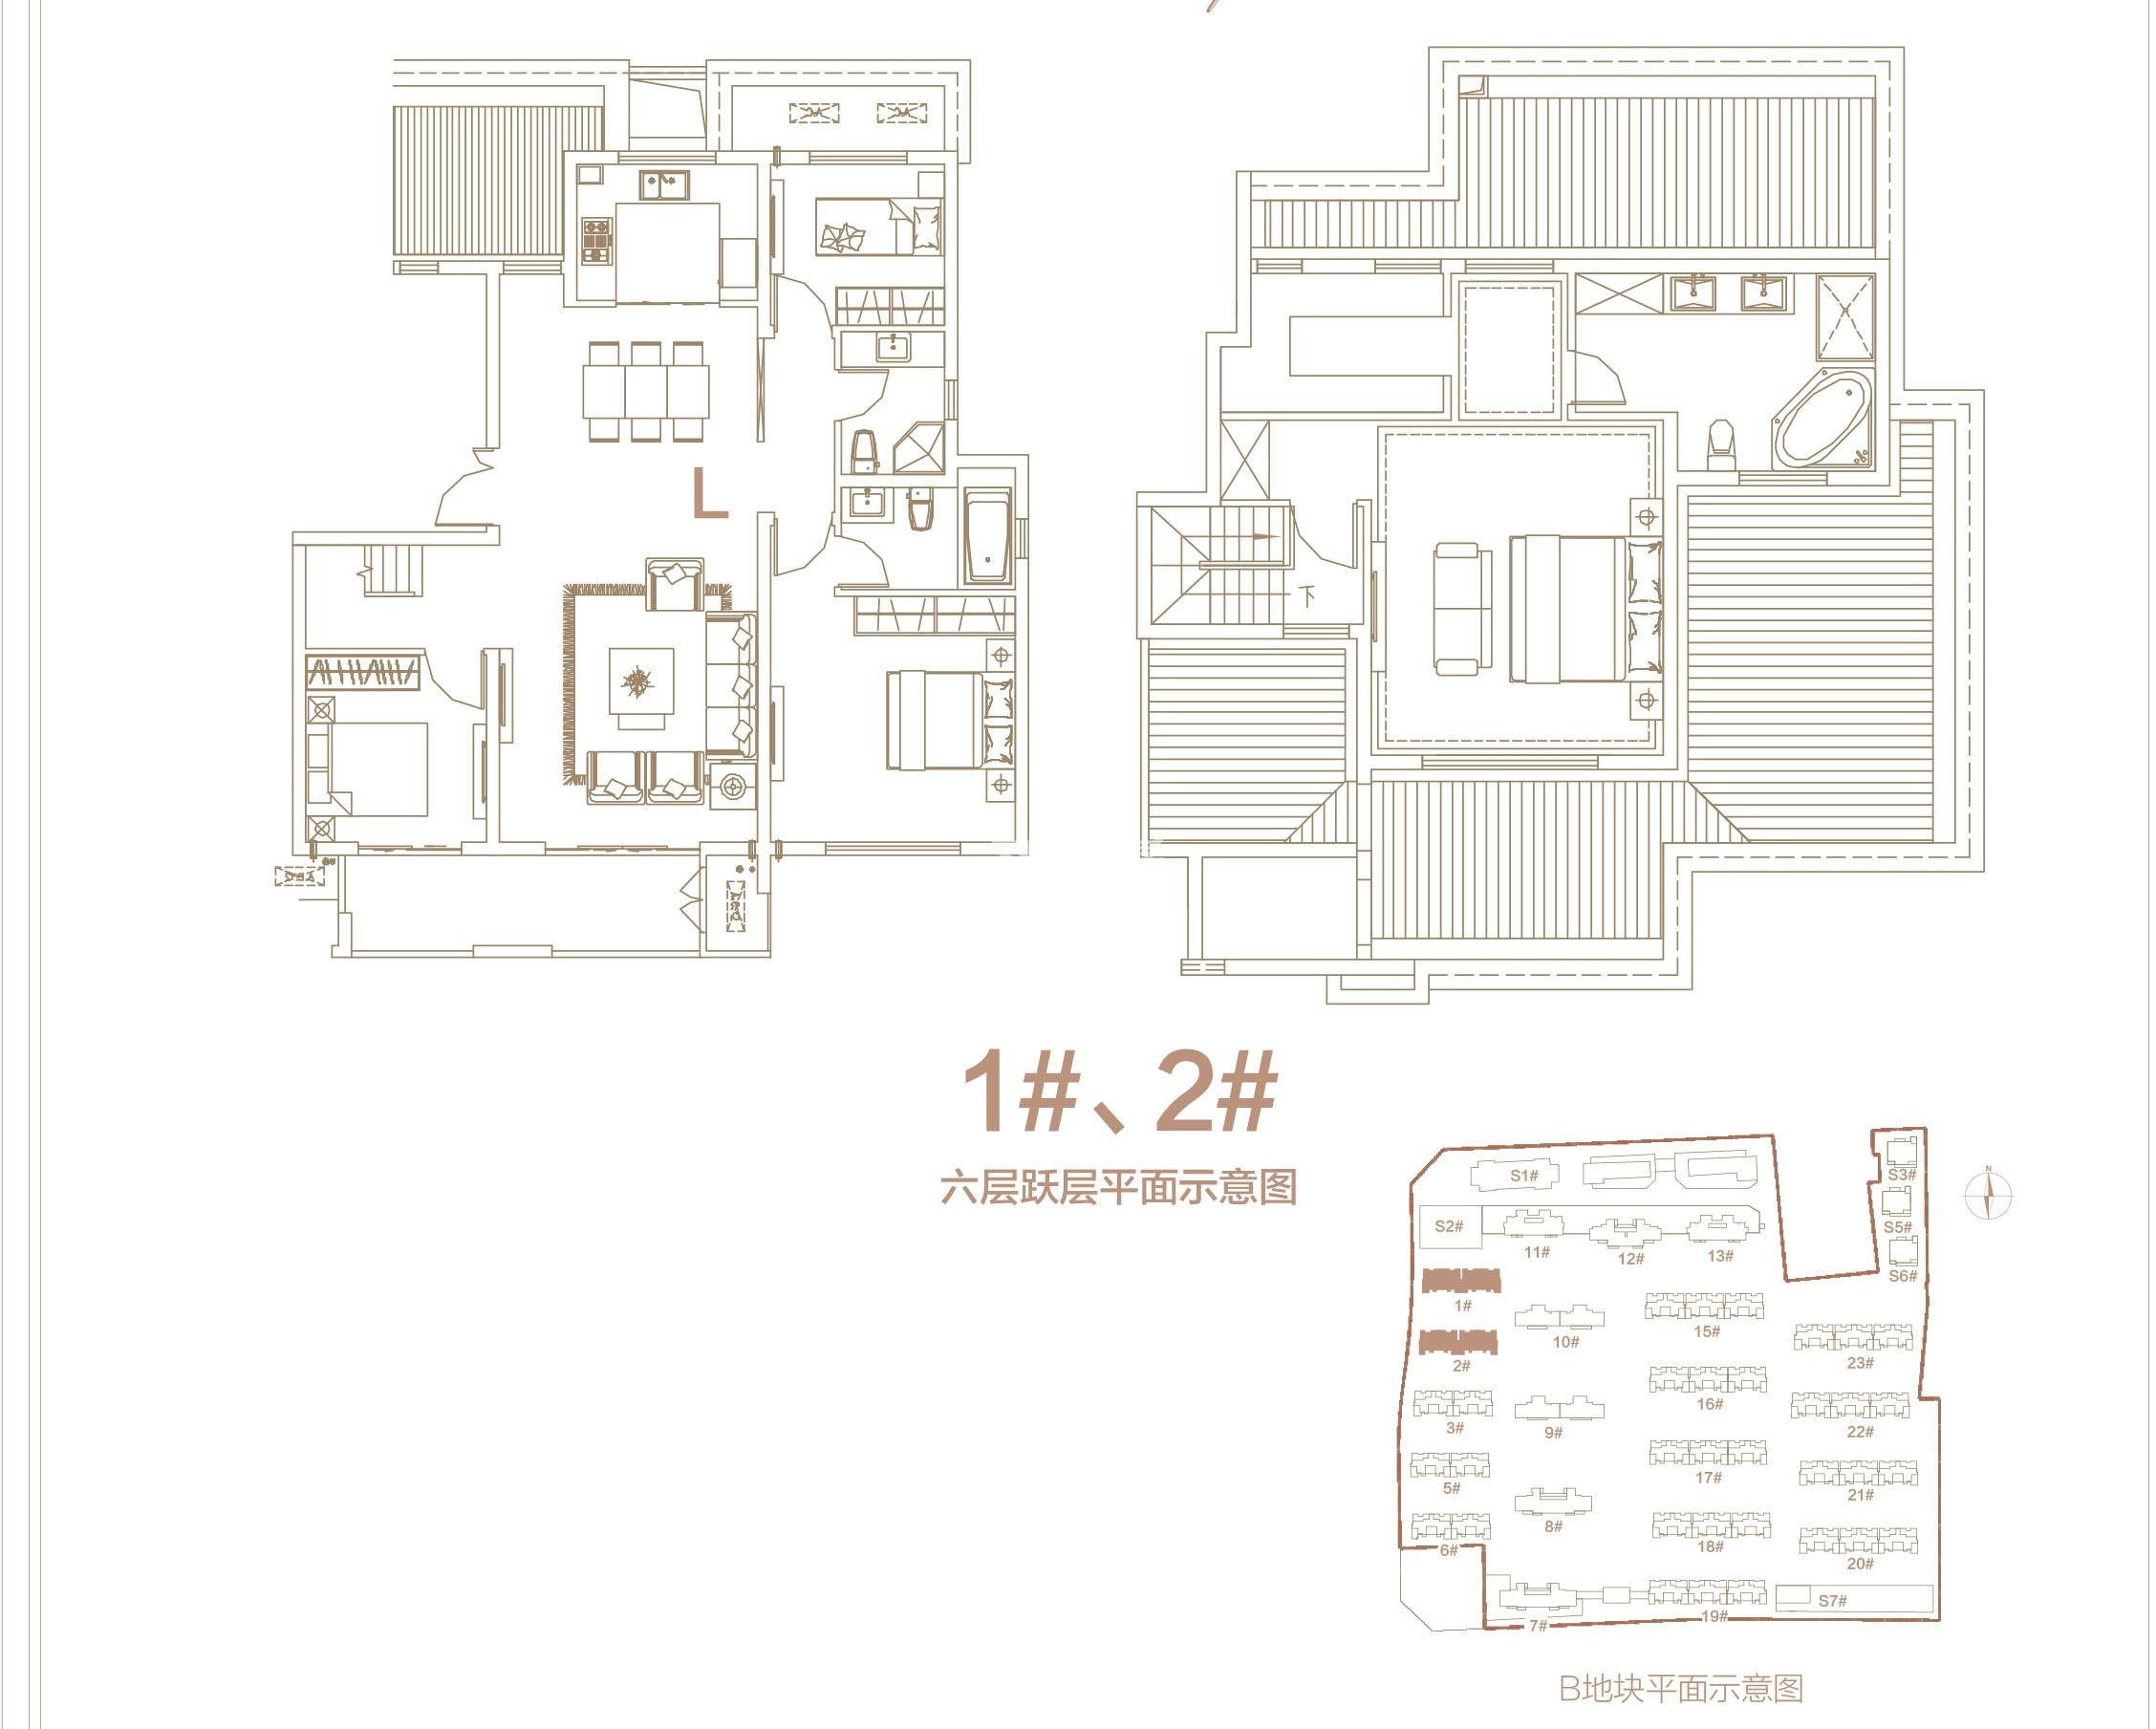 洋房L户型177㎡4房